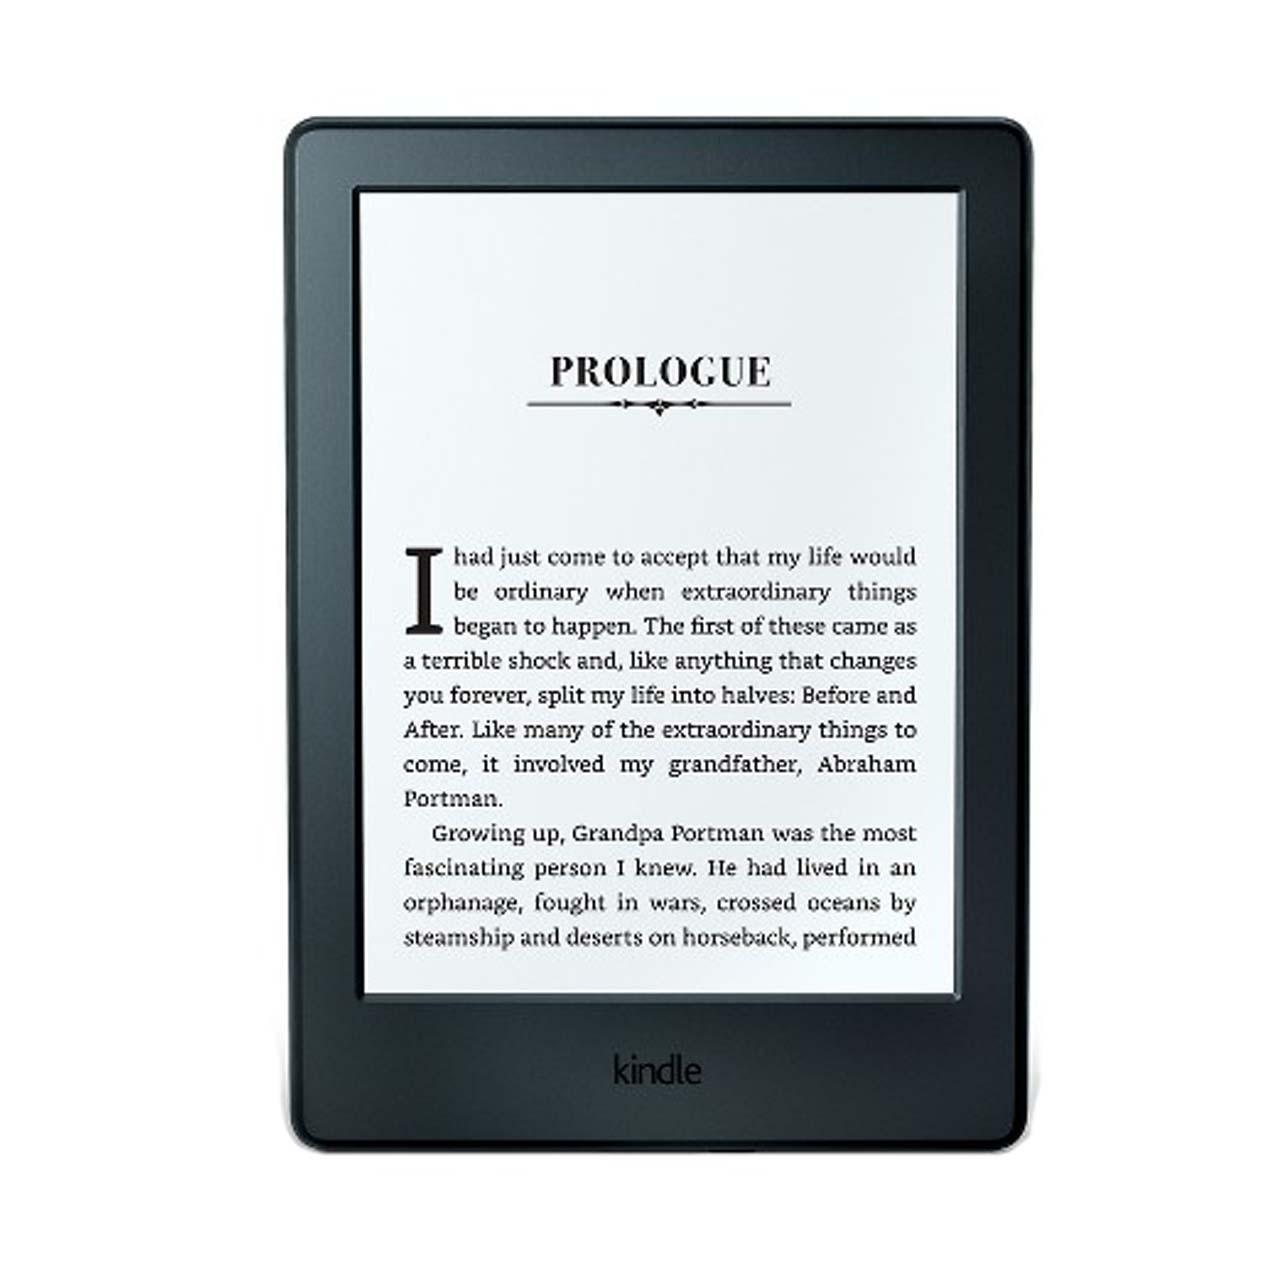 کتابخوان آمازون مدل Kindle 10th Generation  نسخه 8 گیگابایت